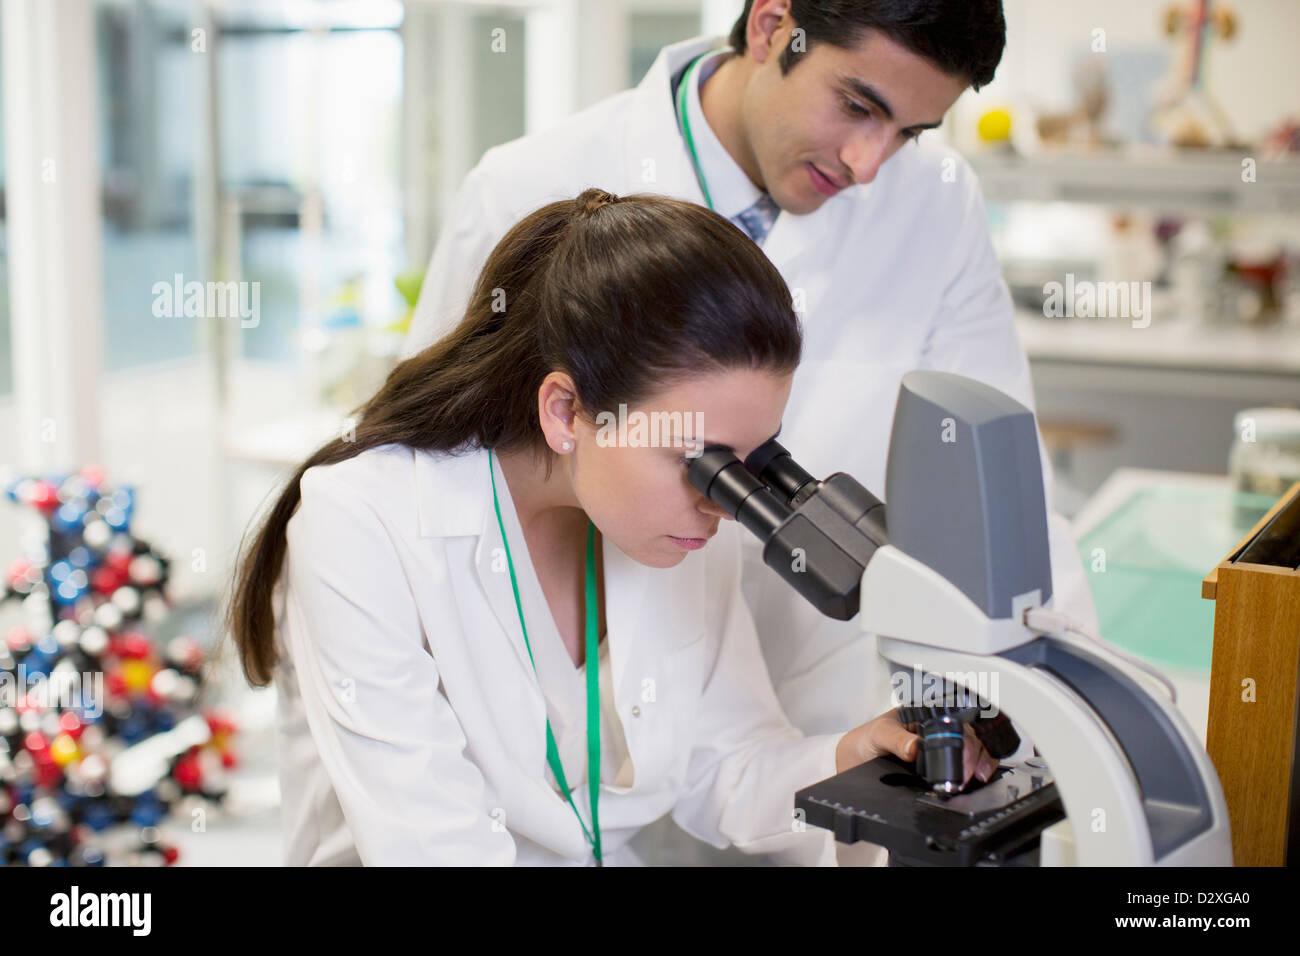 Científicos utilizando microscopio en laboratorio Imagen De Stock